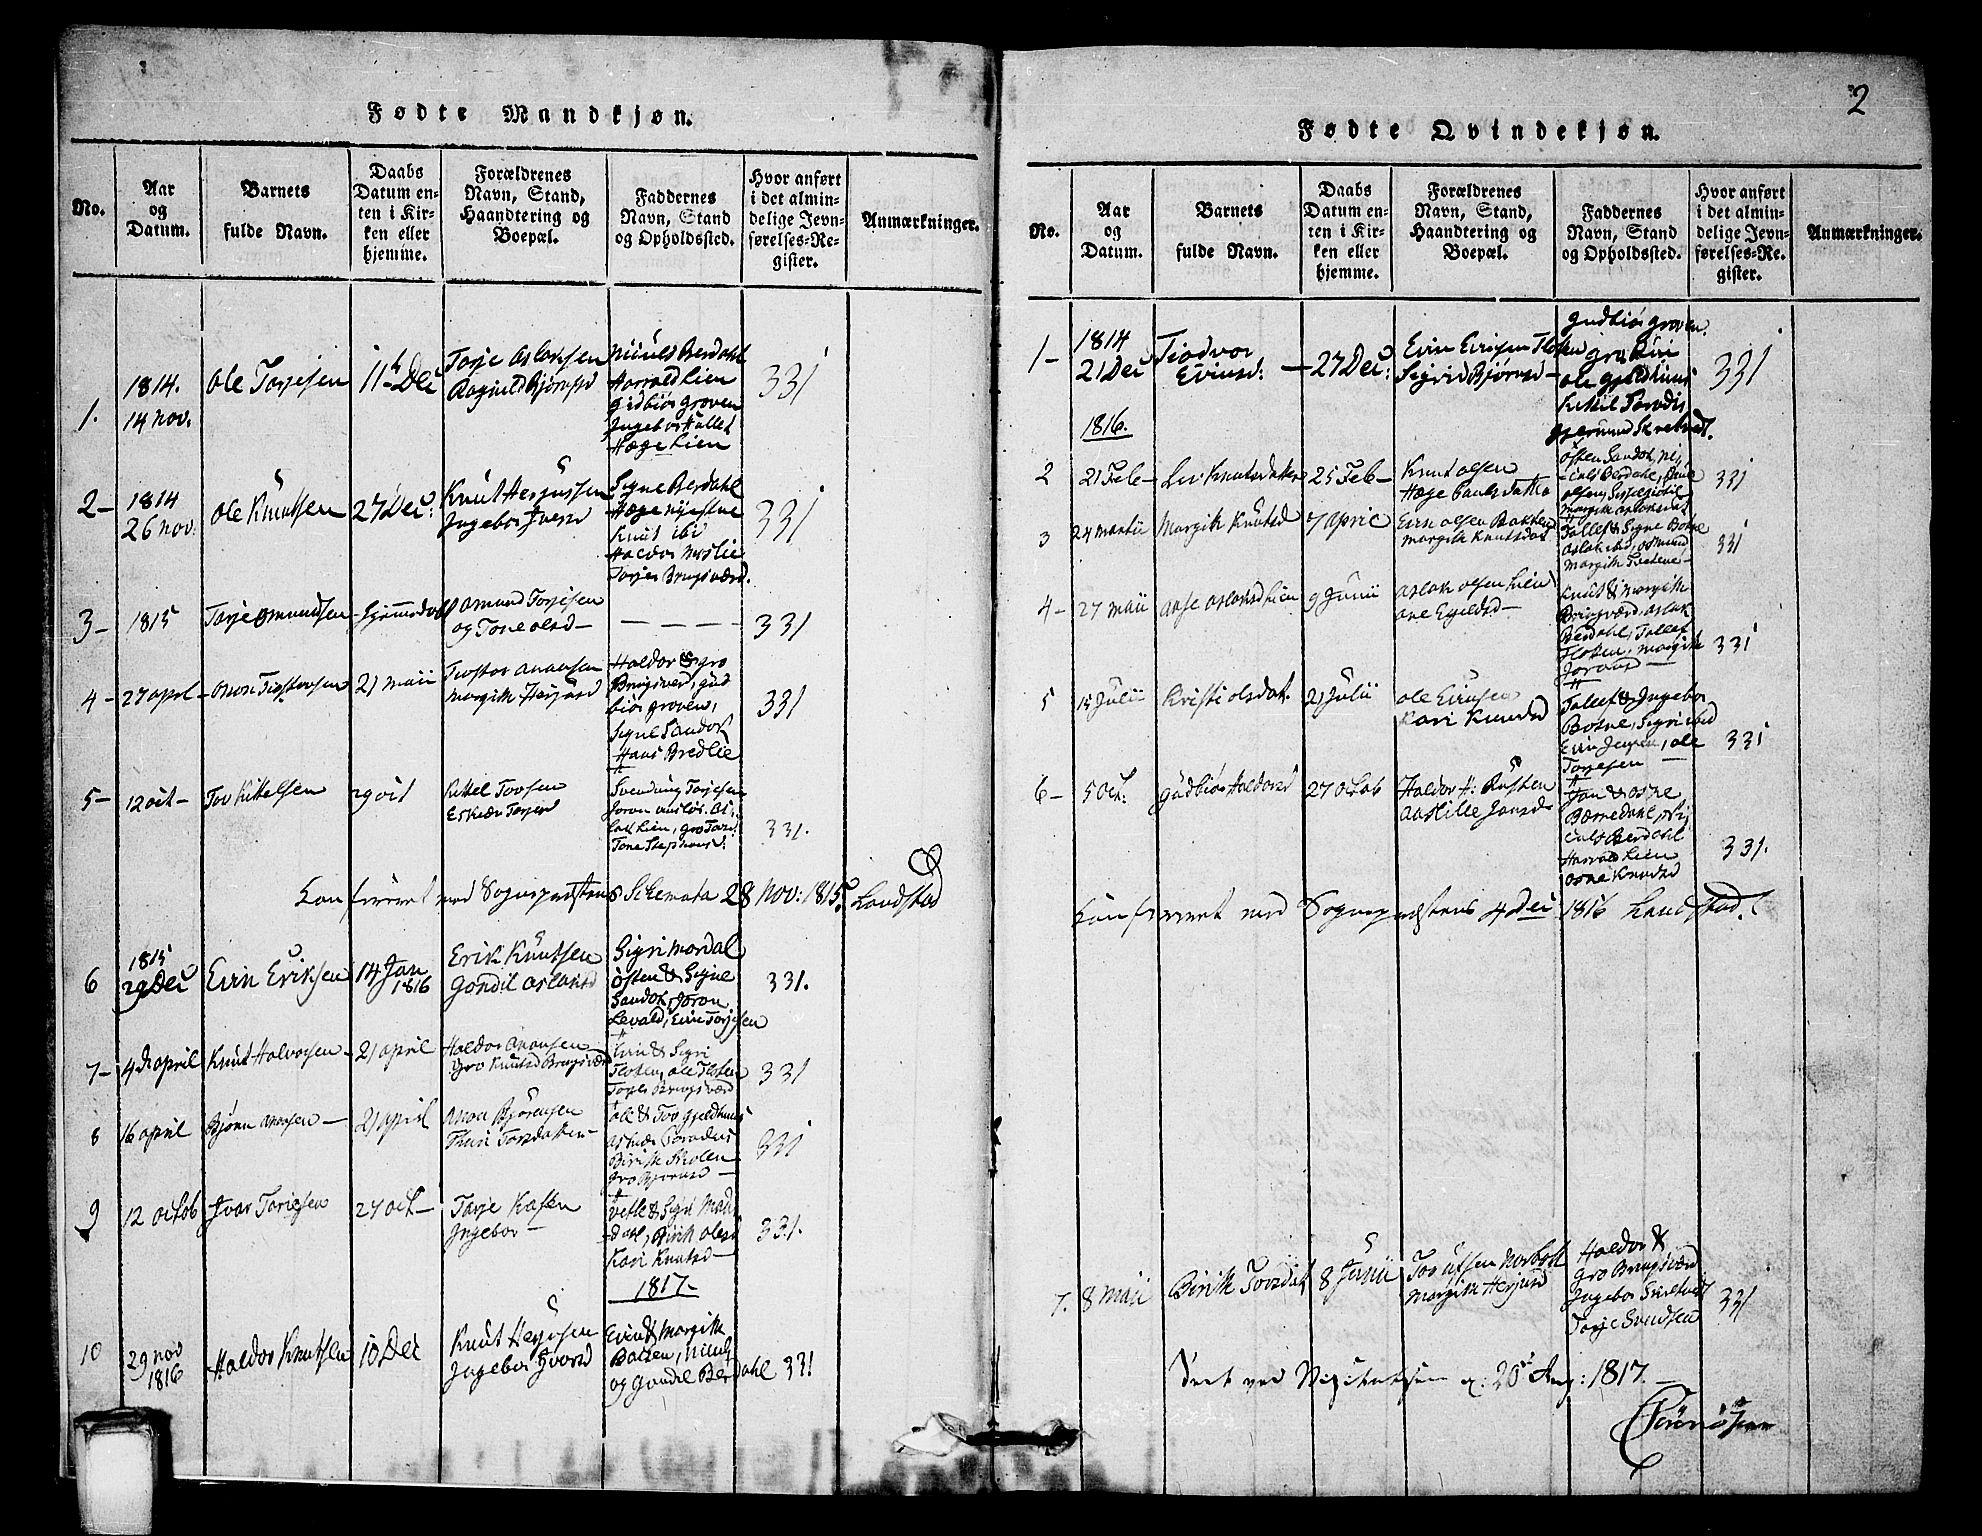 SAKO, Vinje kirkebøker, G/Gb/L0001: Klokkerbok nr. II 1, 1814-1843, s. 2